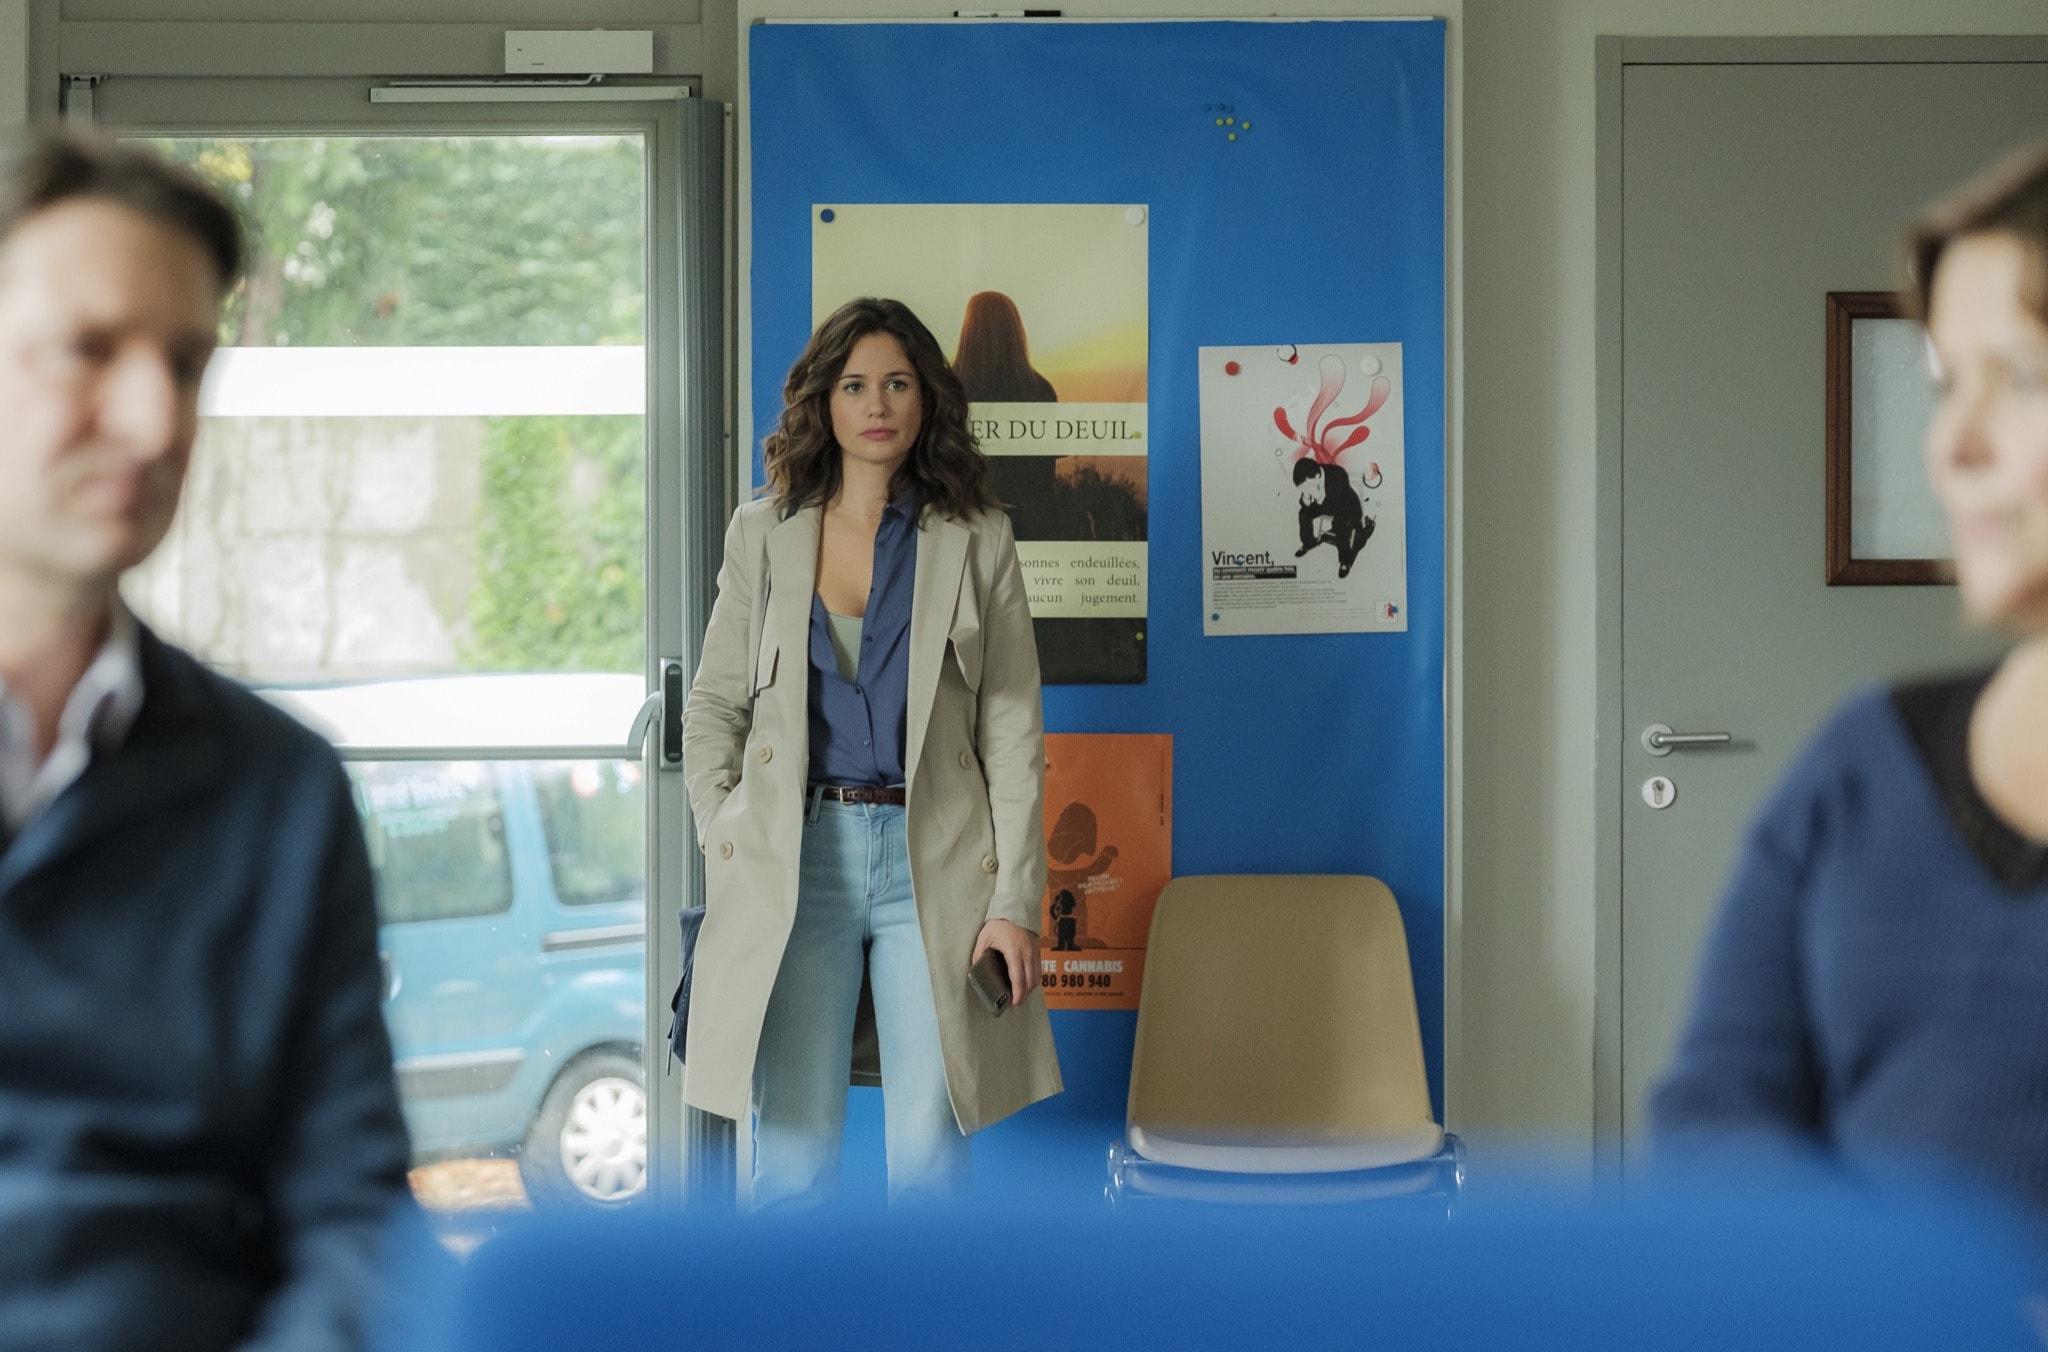 Clem saison 10 image série télé